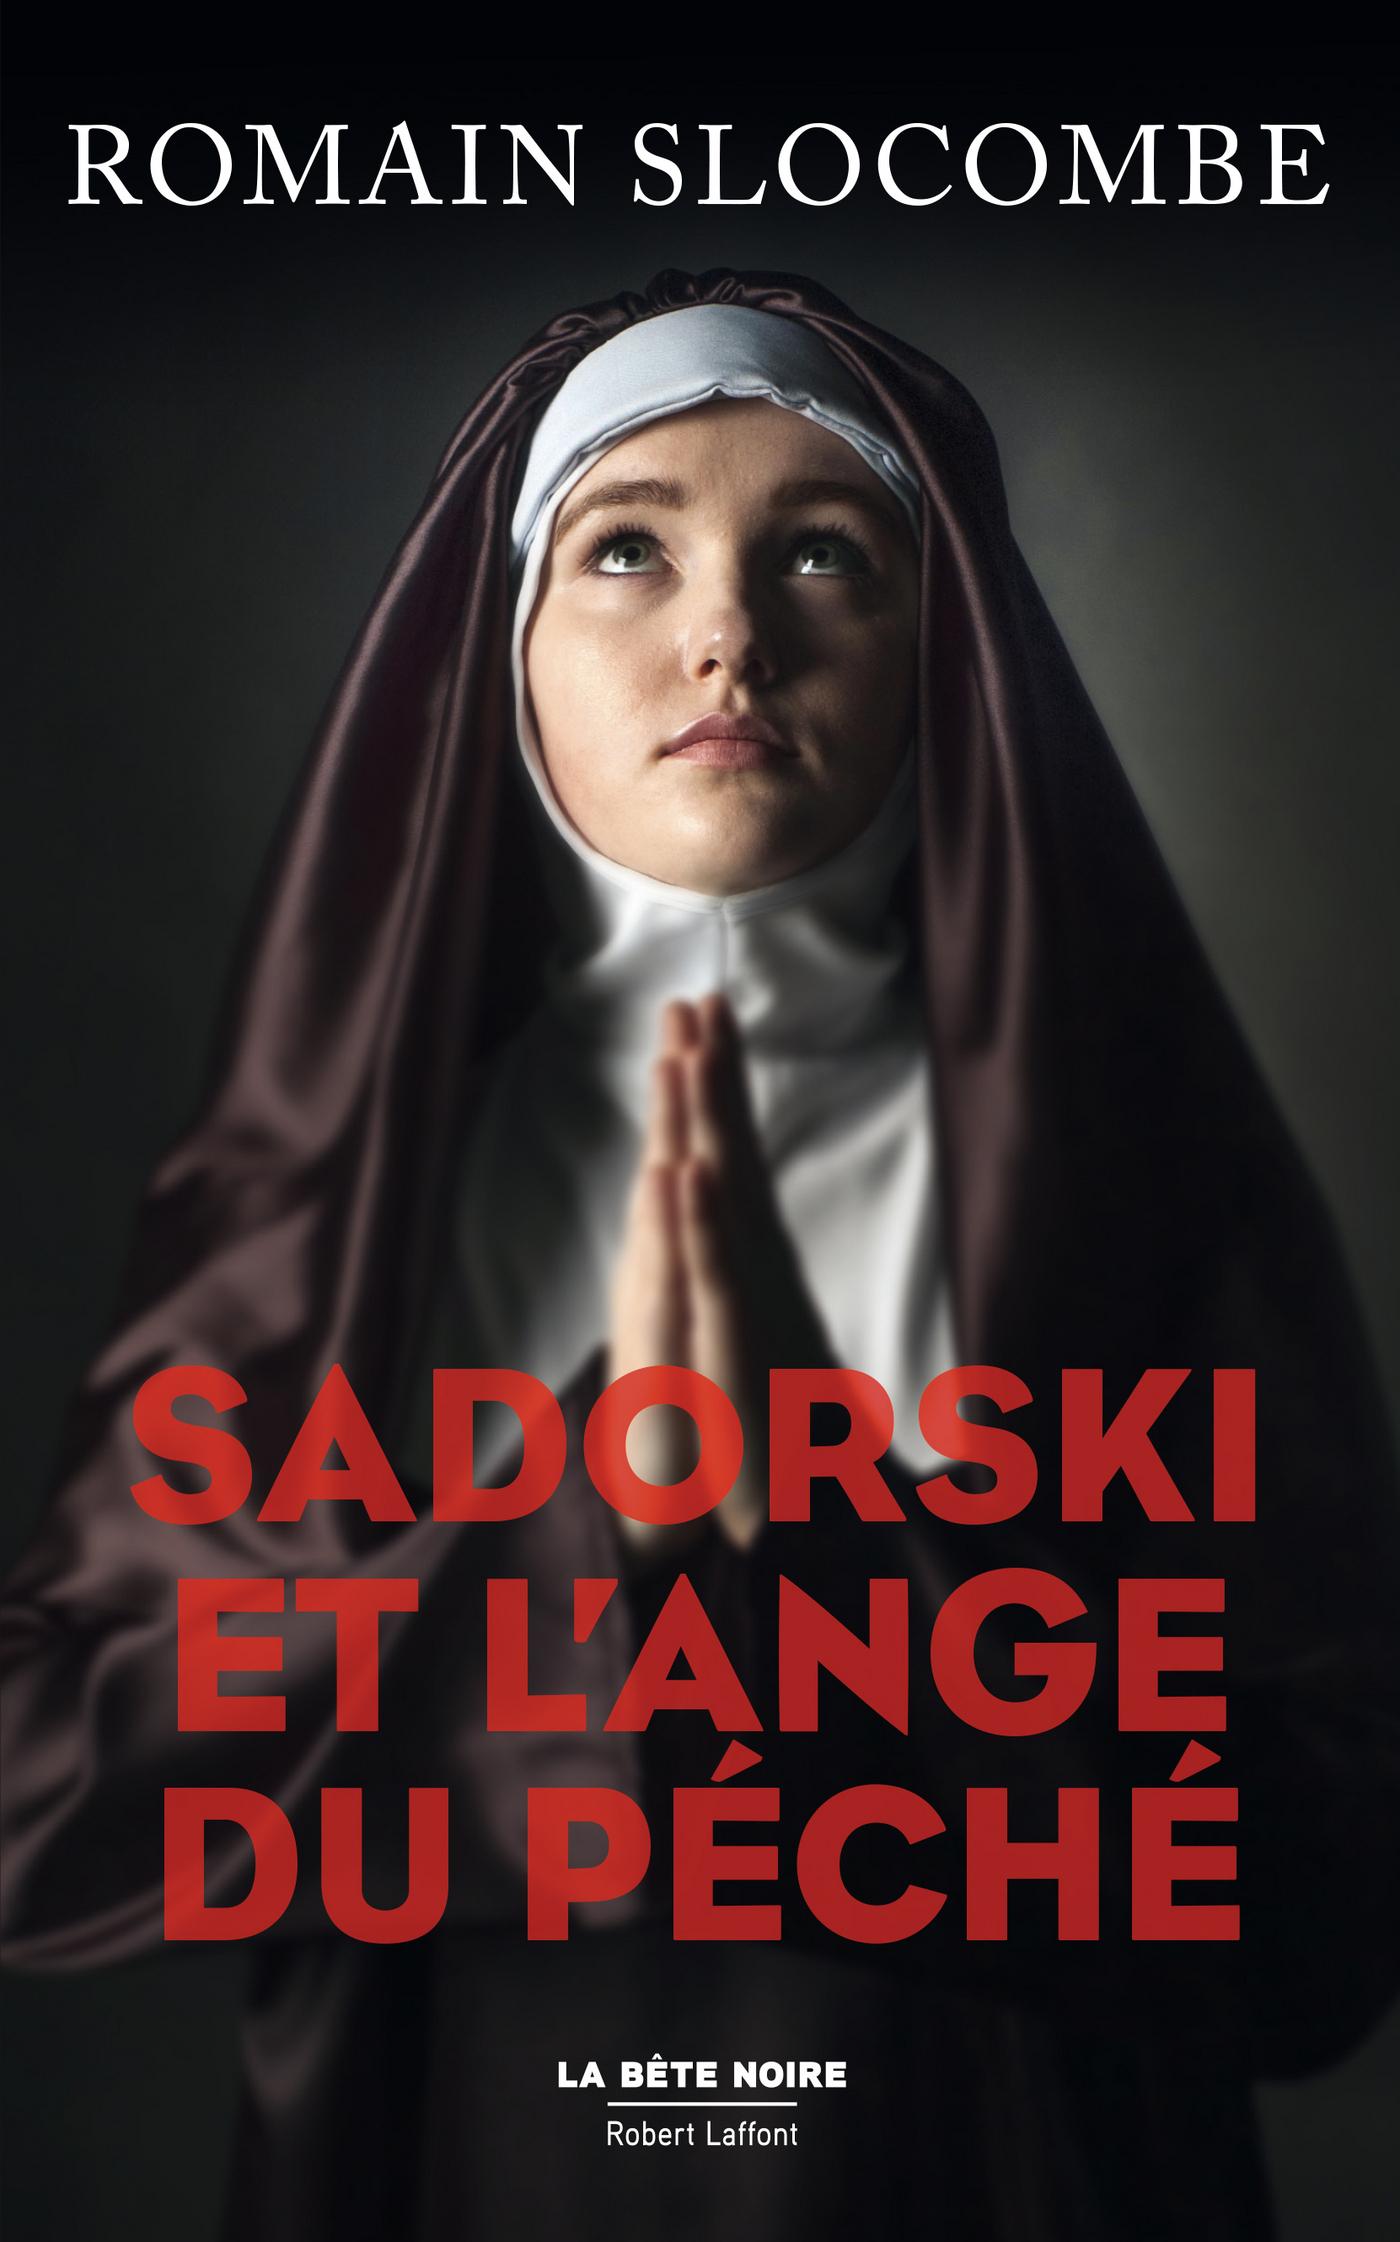 Sadorski et l'ange du péché